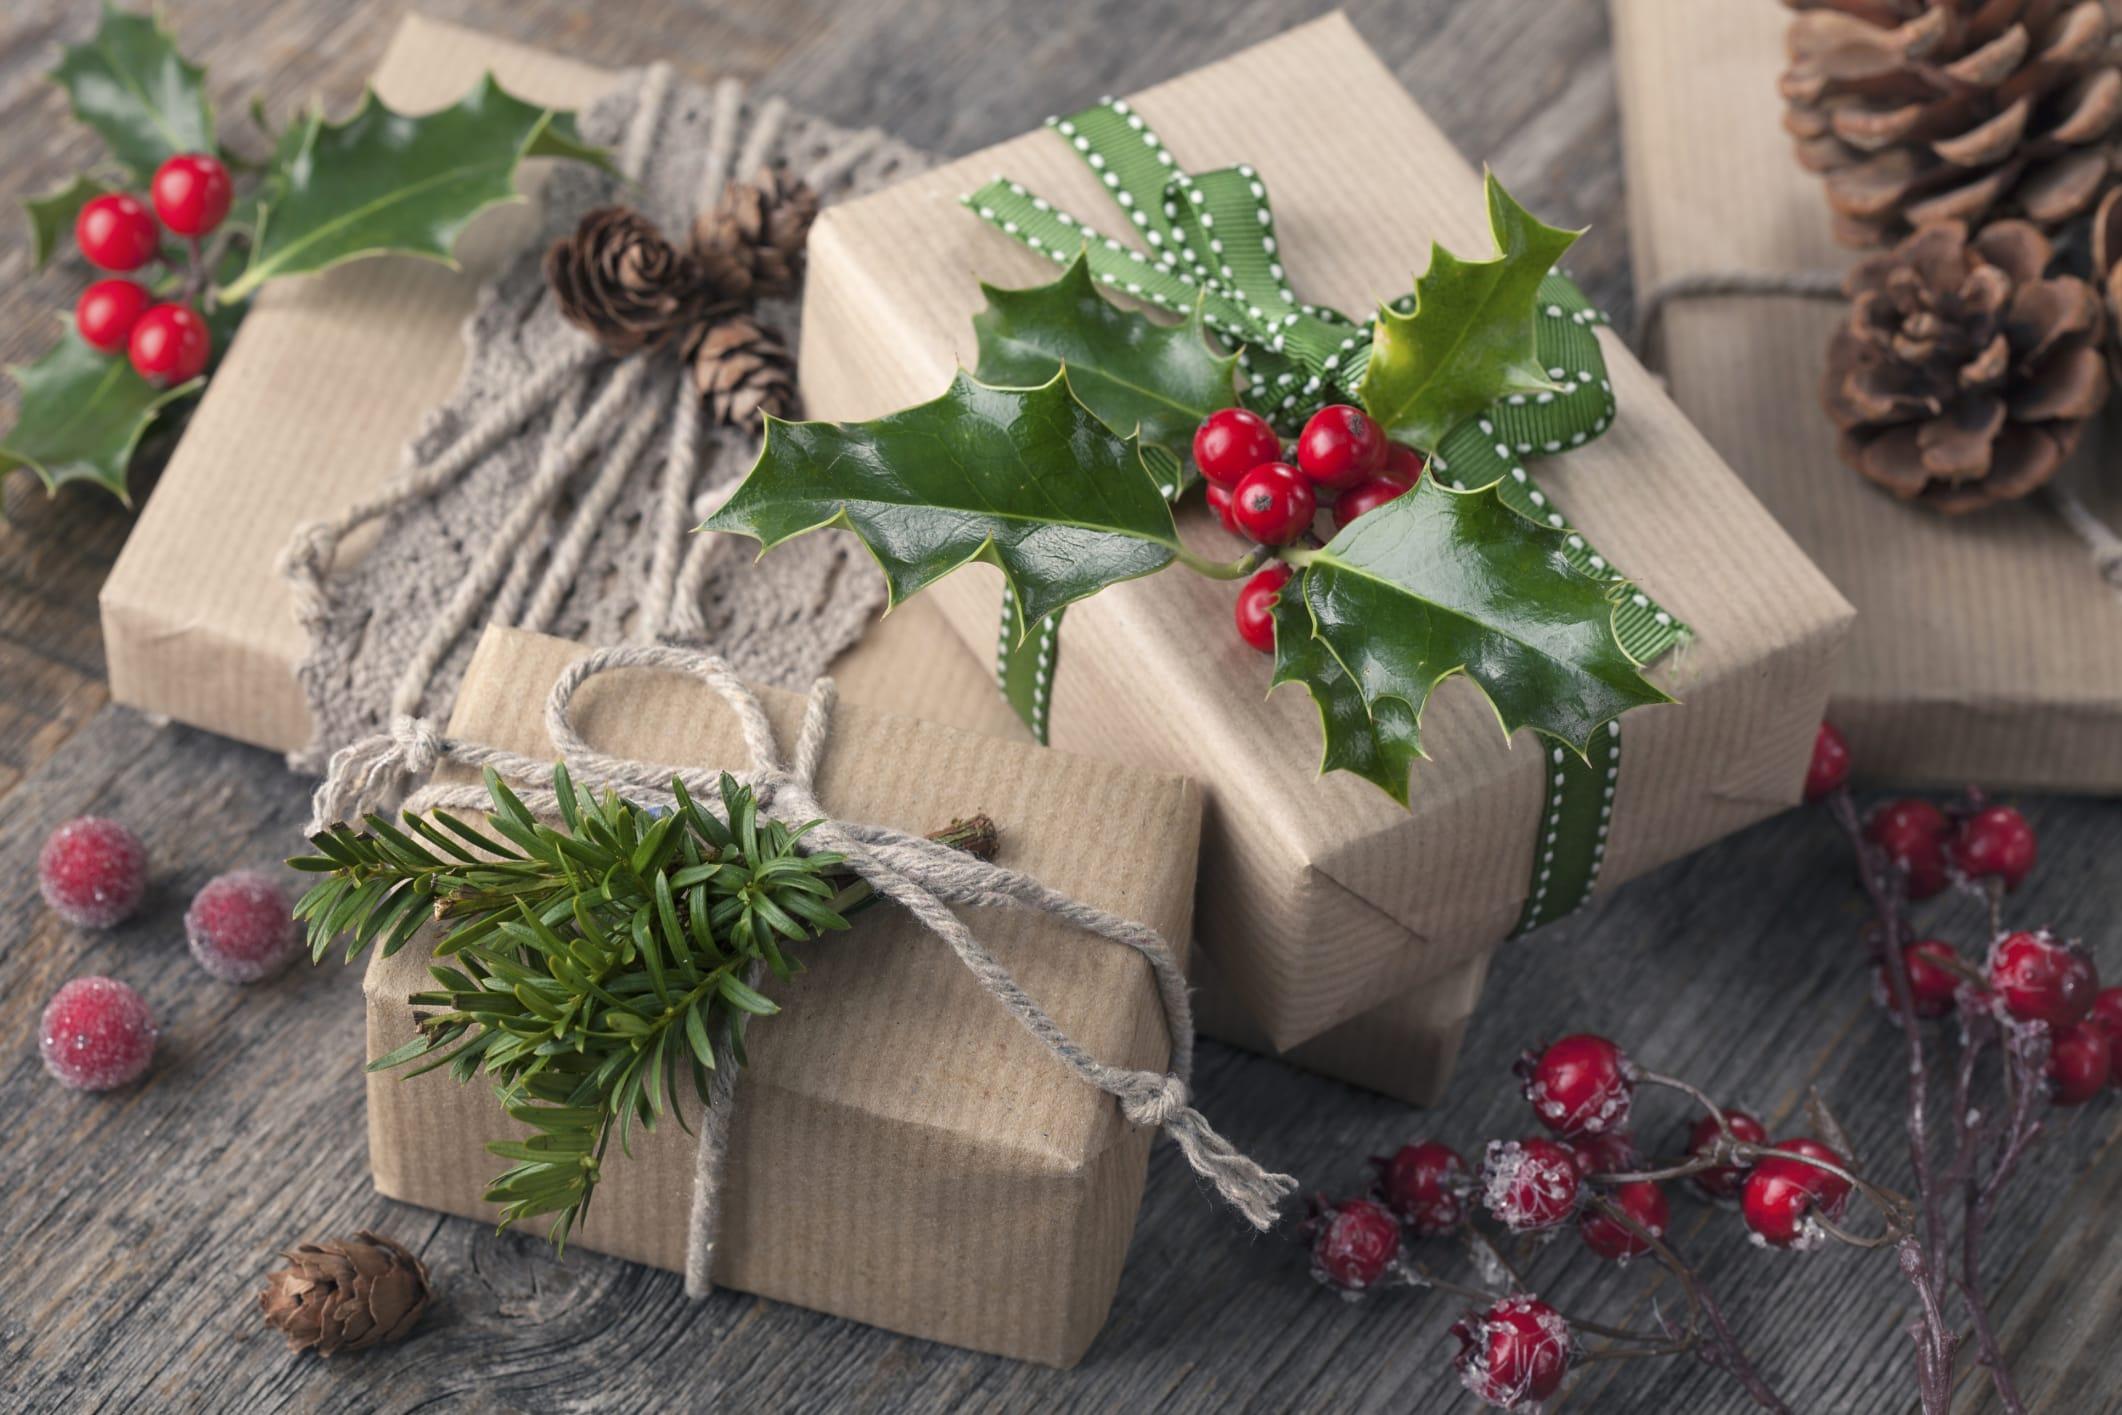 Super Carta regalo fai da te | Foto - Non sprecare JD39